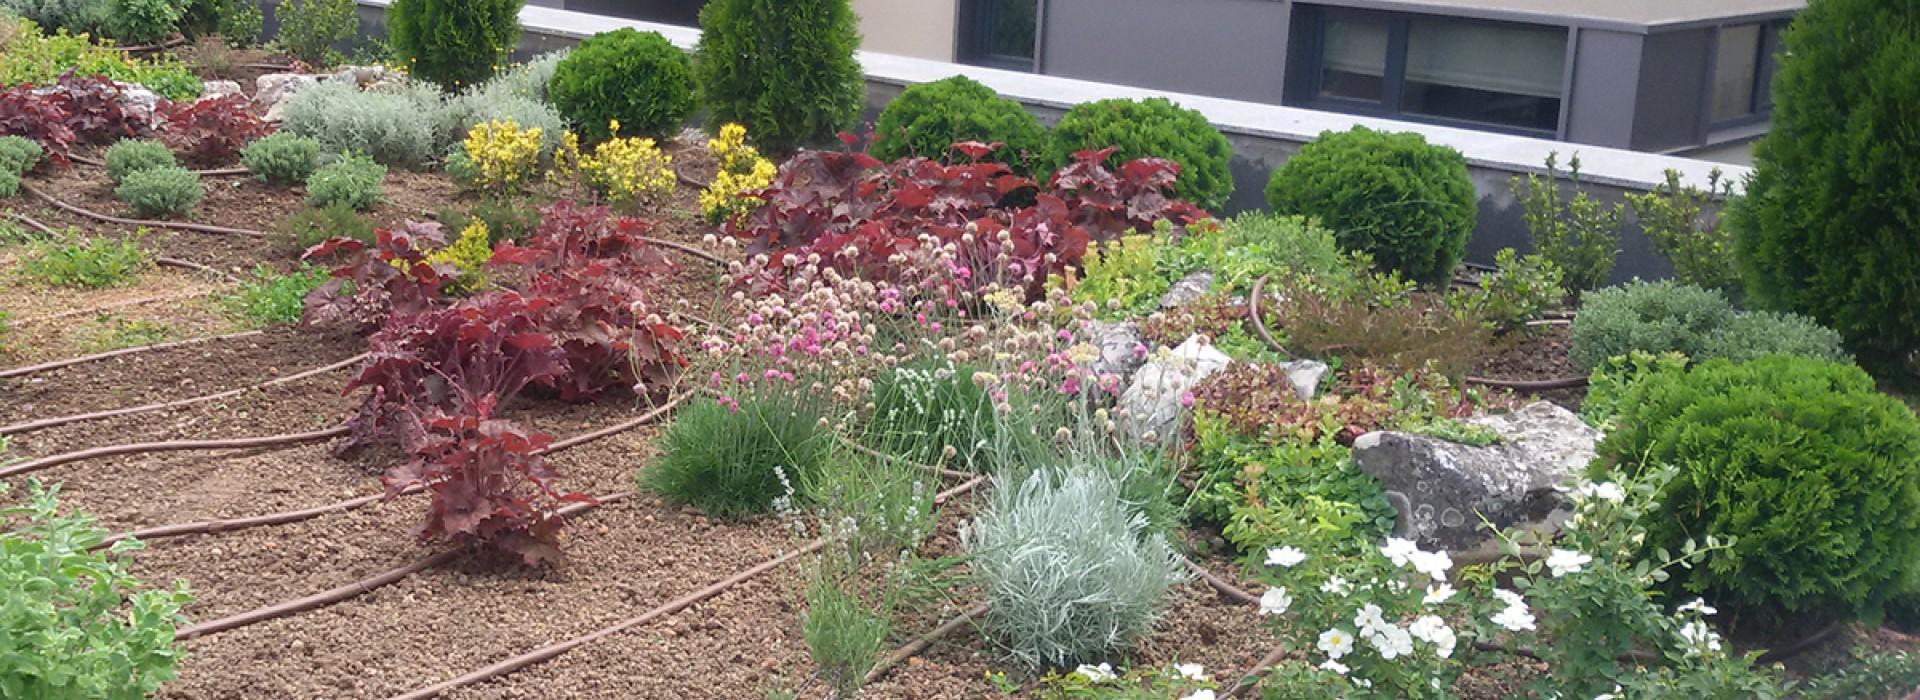 Полагане на тревен чим и изграждане на зелен покрив